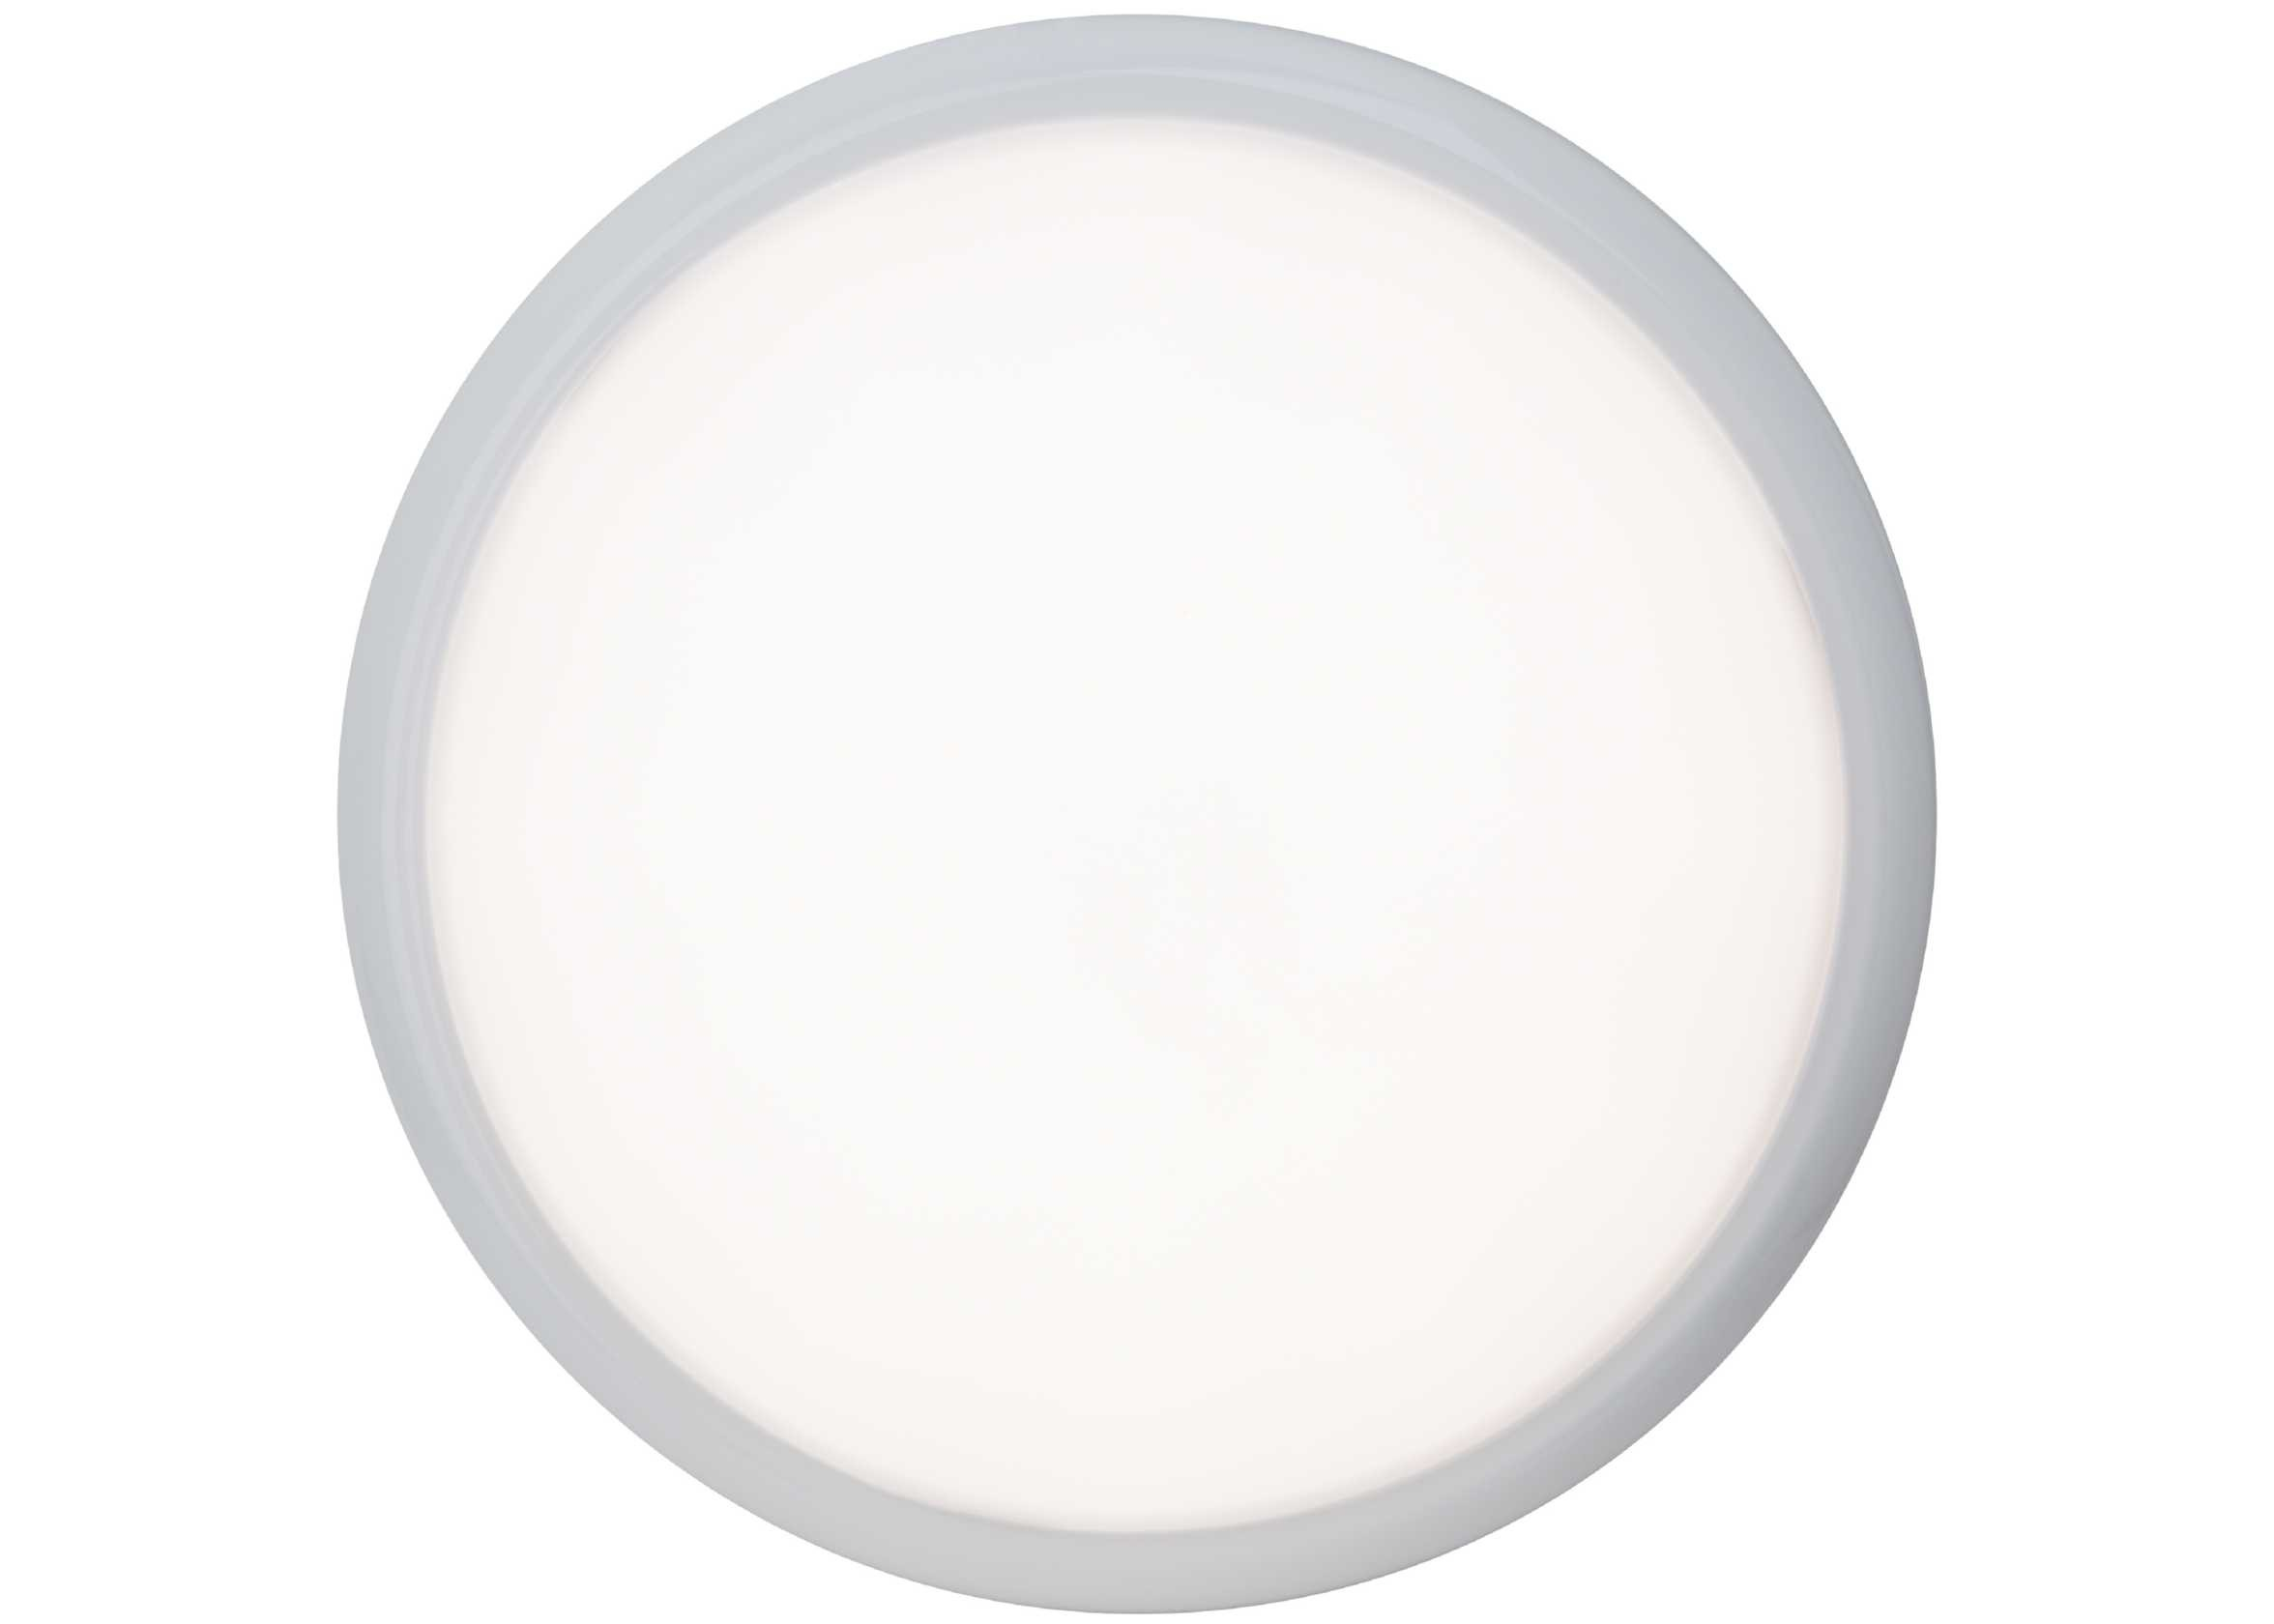 Лампа потолочная или настенная Vigor LEDПотолочные светильники<br>&amp;lt;div&amp;gt;&amp;lt;div&amp;gt;Цоколь:&amp;amp;nbsp;&amp;lt;span style=&amp;quot;line-height: 24.9999px;&amp;quot;&amp;gt;LED&amp;lt;/span&amp;gt;&amp;lt;/div&amp;gt;&amp;lt;div&amp;gt;Мощность лампы: 15W&amp;lt;/div&amp;gt;&amp;lt;div&amp;gt;Количество ламп: 1&amp;lt;/div&amp;gt;&amp;lt;div&amp;gt;&amp;lt;span style=&amp;quot;line-height: 24.9999px;&amp;quot;&amp;gt;Наличие ламп:&amp;amp;nbsp;&amp;lt;/span&amp;gt;&amp;lt;span style=&amp;quot;line-height: 24.9999px;&amp;quot;&amp;gt;в комплекте&amp;lt;/span&amp;gt;&amp;lt;br&amp;gt;&amp;lt;/div&amp;gt;&amp;lt;/div&amp;gt;&amp;lt;div&amp;gt;&amp;lt;br&amp;gt;&amp;lt;/div&amp;gt;&amp;lt;br&amp;gt;<br><br>Material: Пластик<br>Height см: 7<br>Diameter см: 33